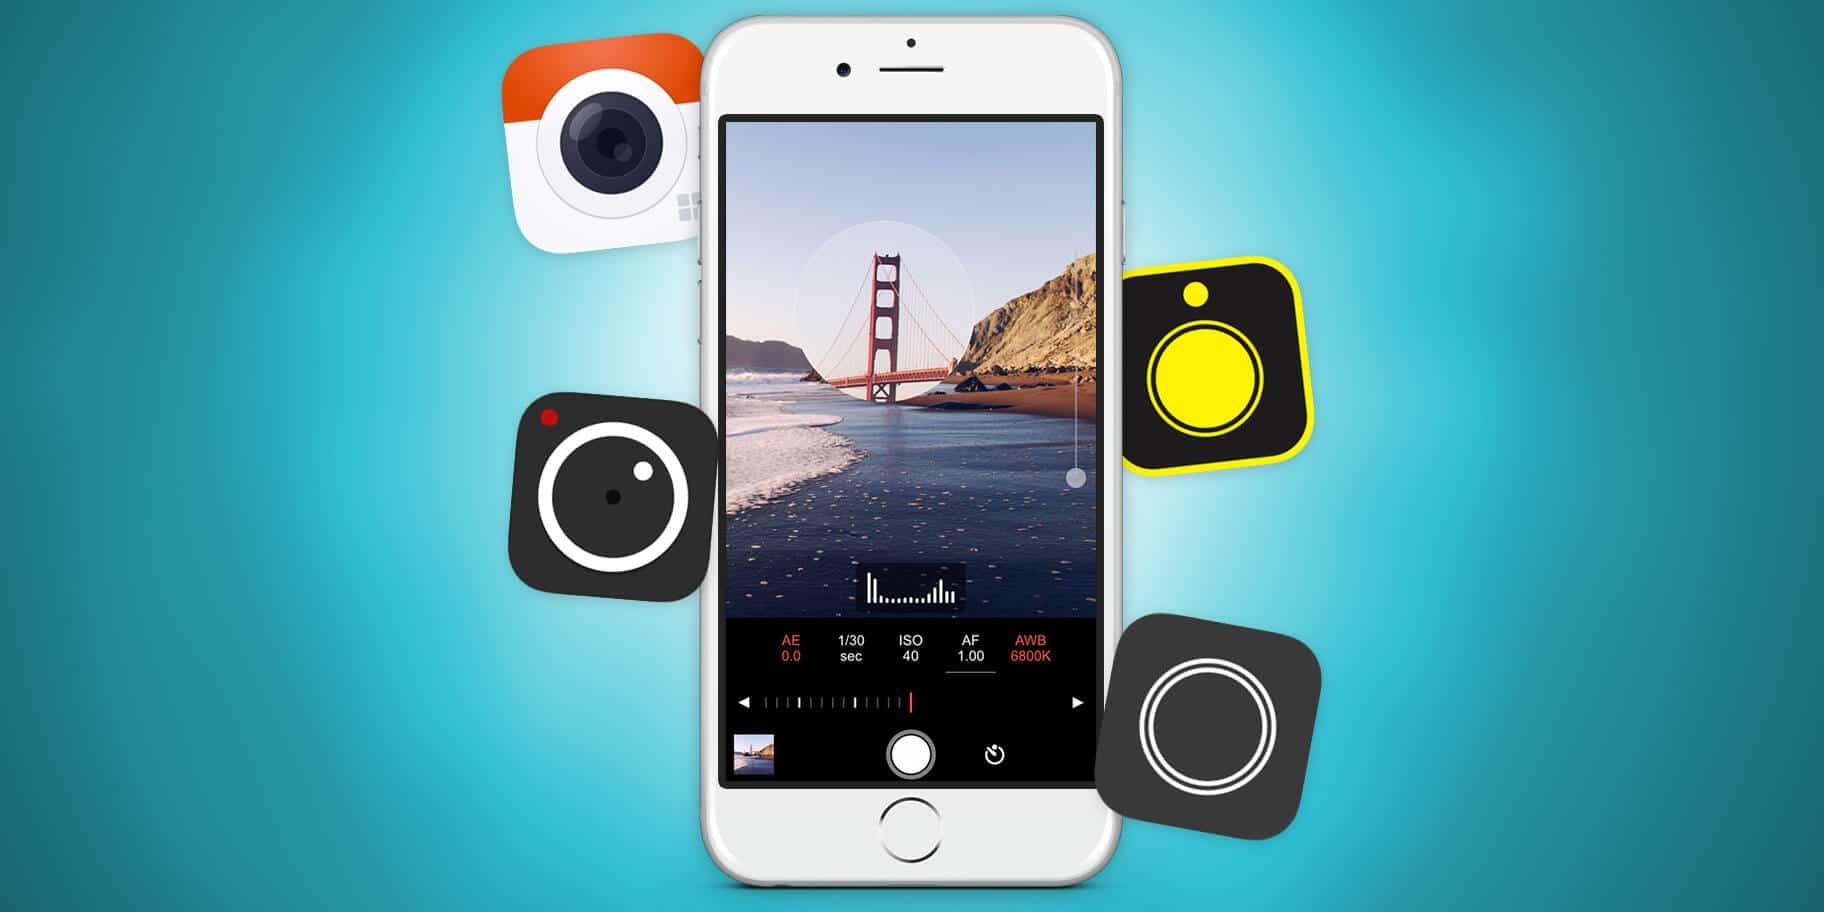 Phần mềm chụp ảnh quảng cáo Camera+